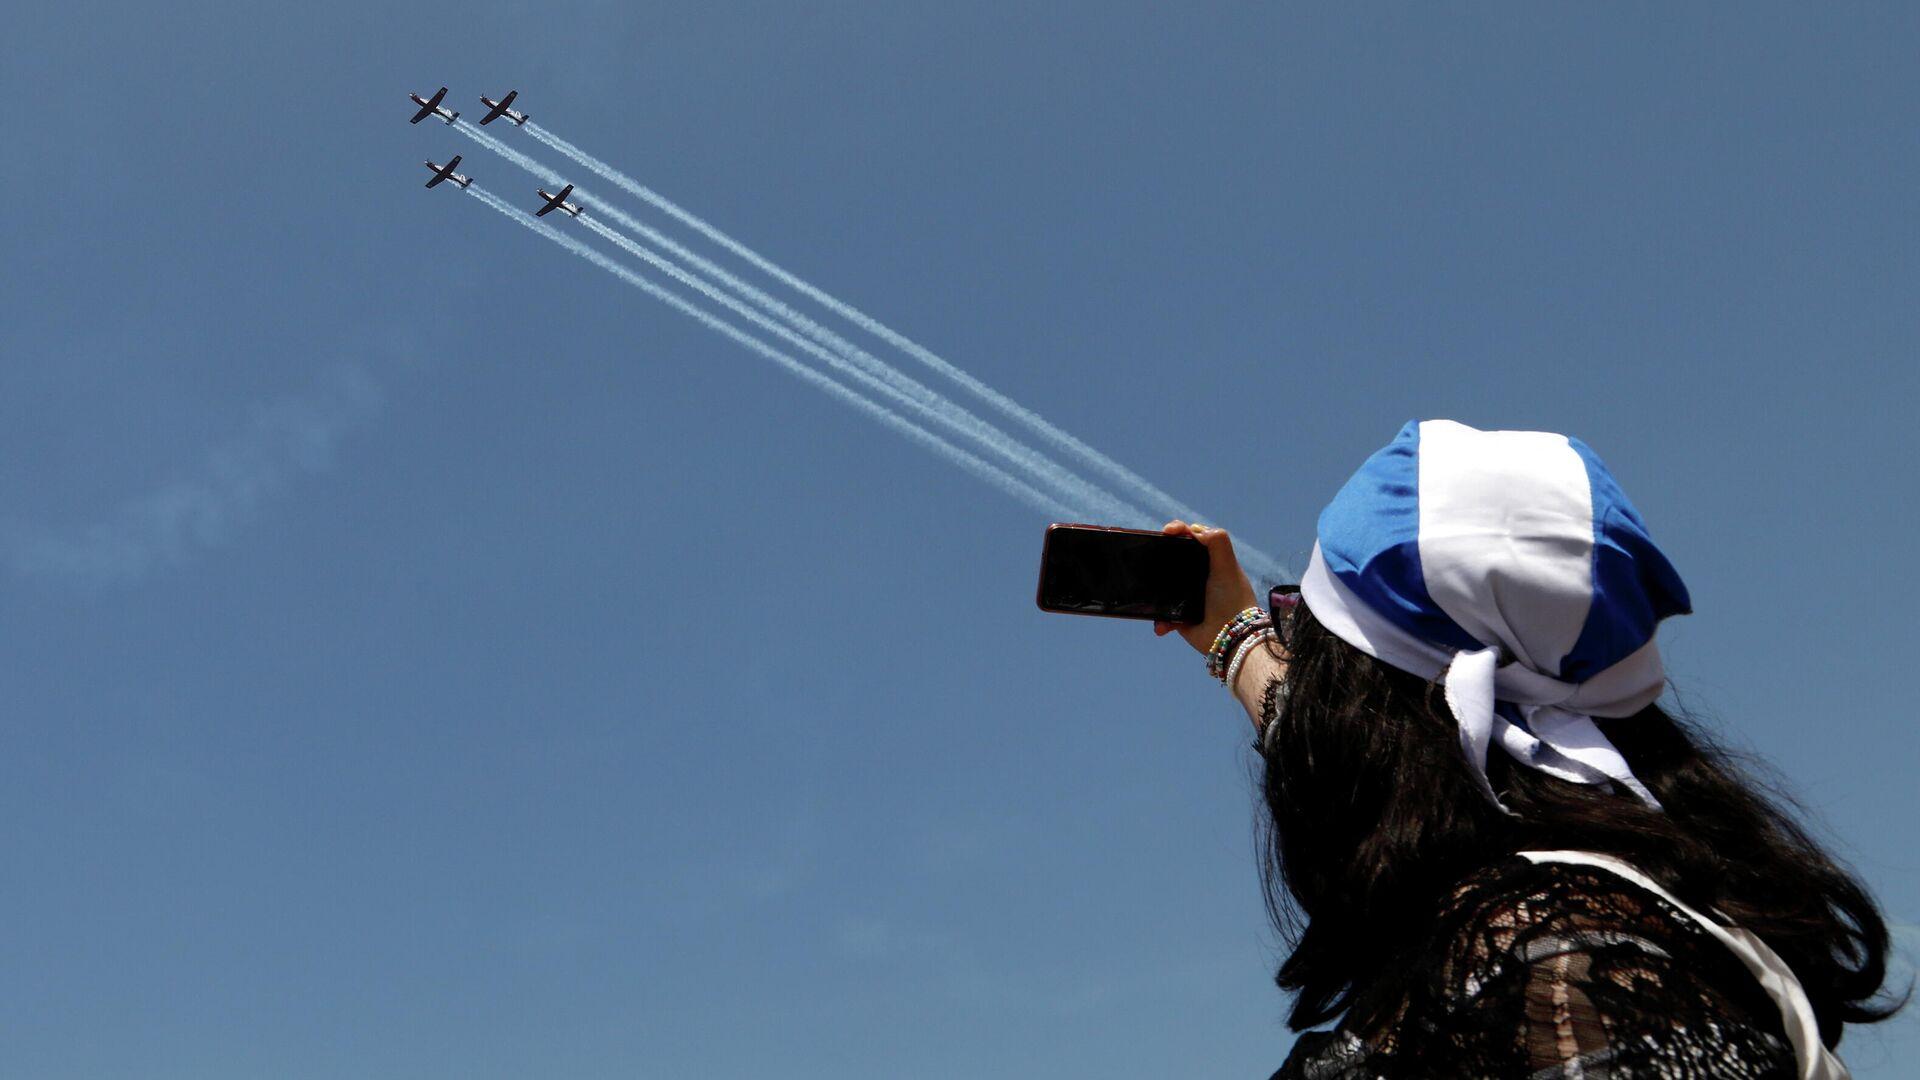 Espectáculo aéreo militar por el motivo del Día de la Independencia de Israel - Sputnik Mundo, 1920, 15.04.2021